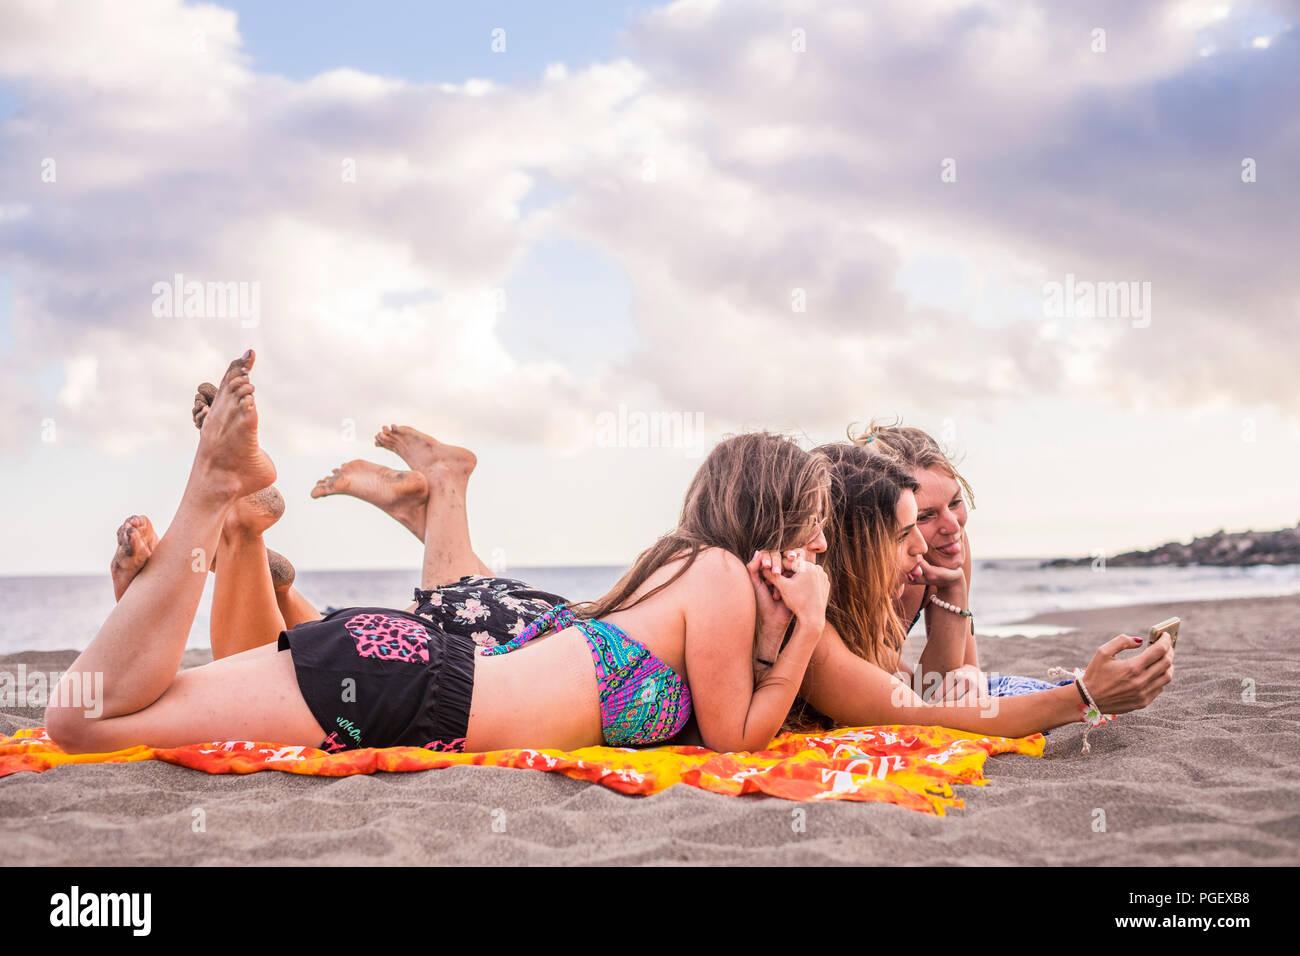 Estate, vacanze, ferie, tecnologia e concetto di felicità - Gruppo del popolo sorridente con occhiali da sole di scattare una foto con lo smartphone sulla spiaggia. happin Immagini Stock